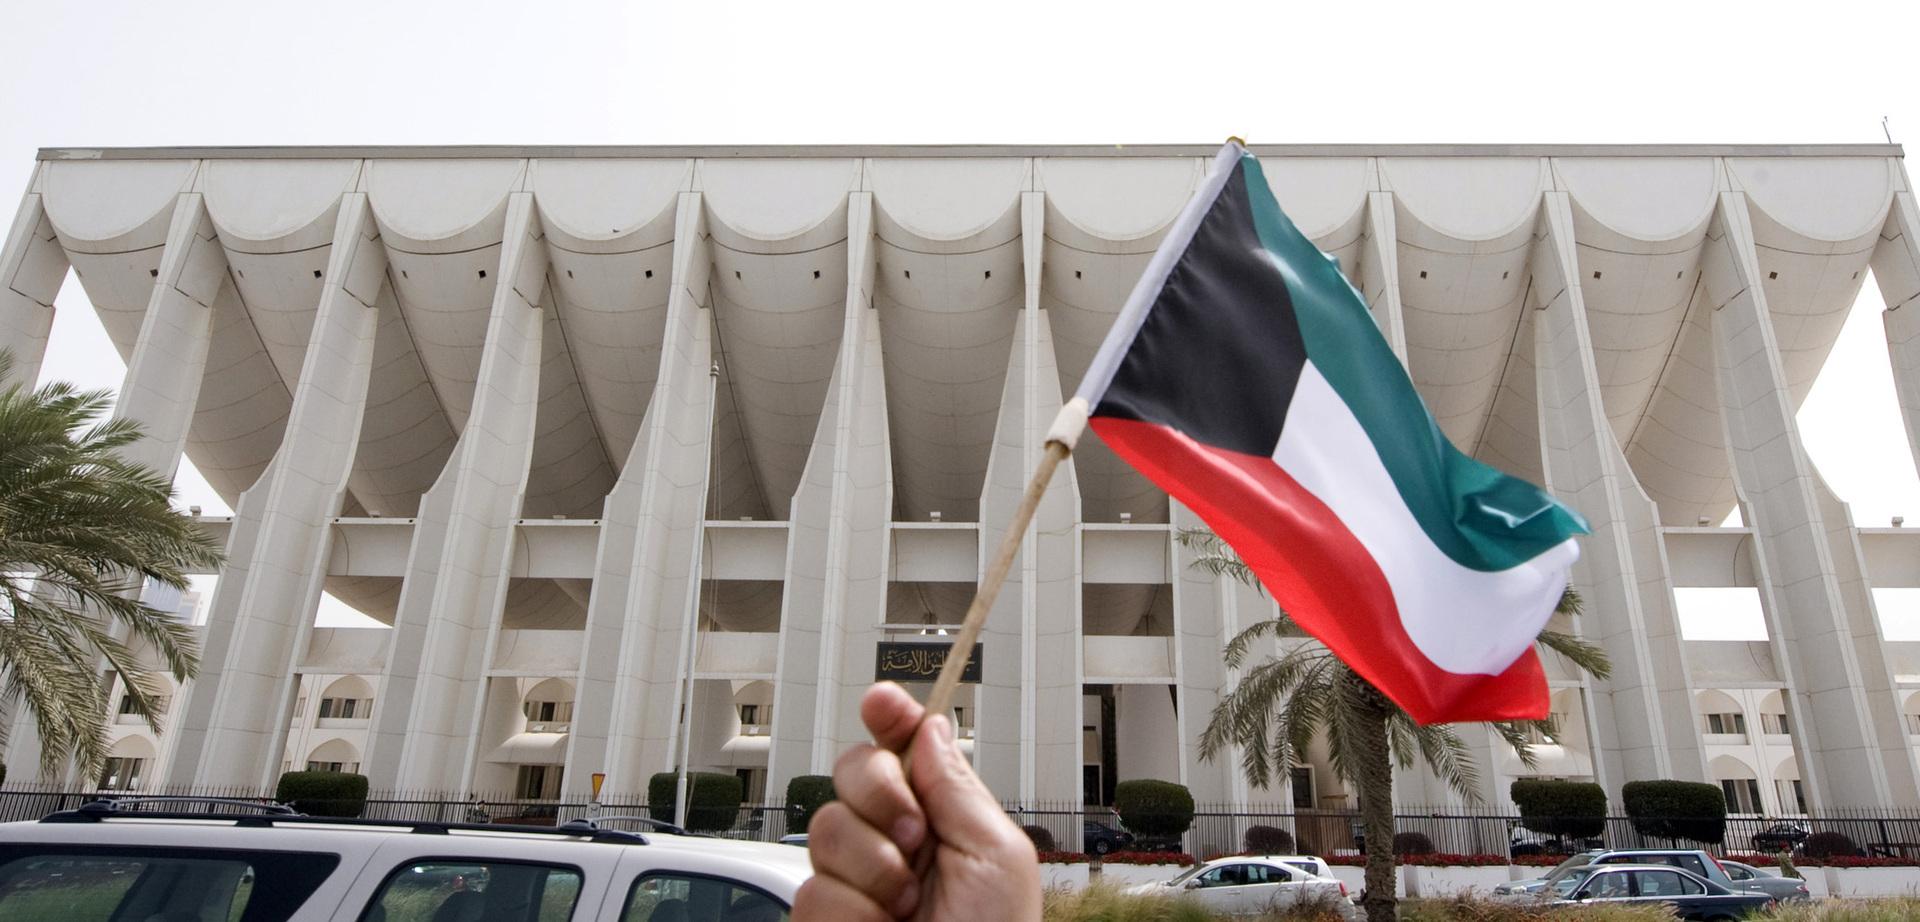 أمير الكويت يقبل استقالة الحكومة ويدعوها لتصريف الأعمال